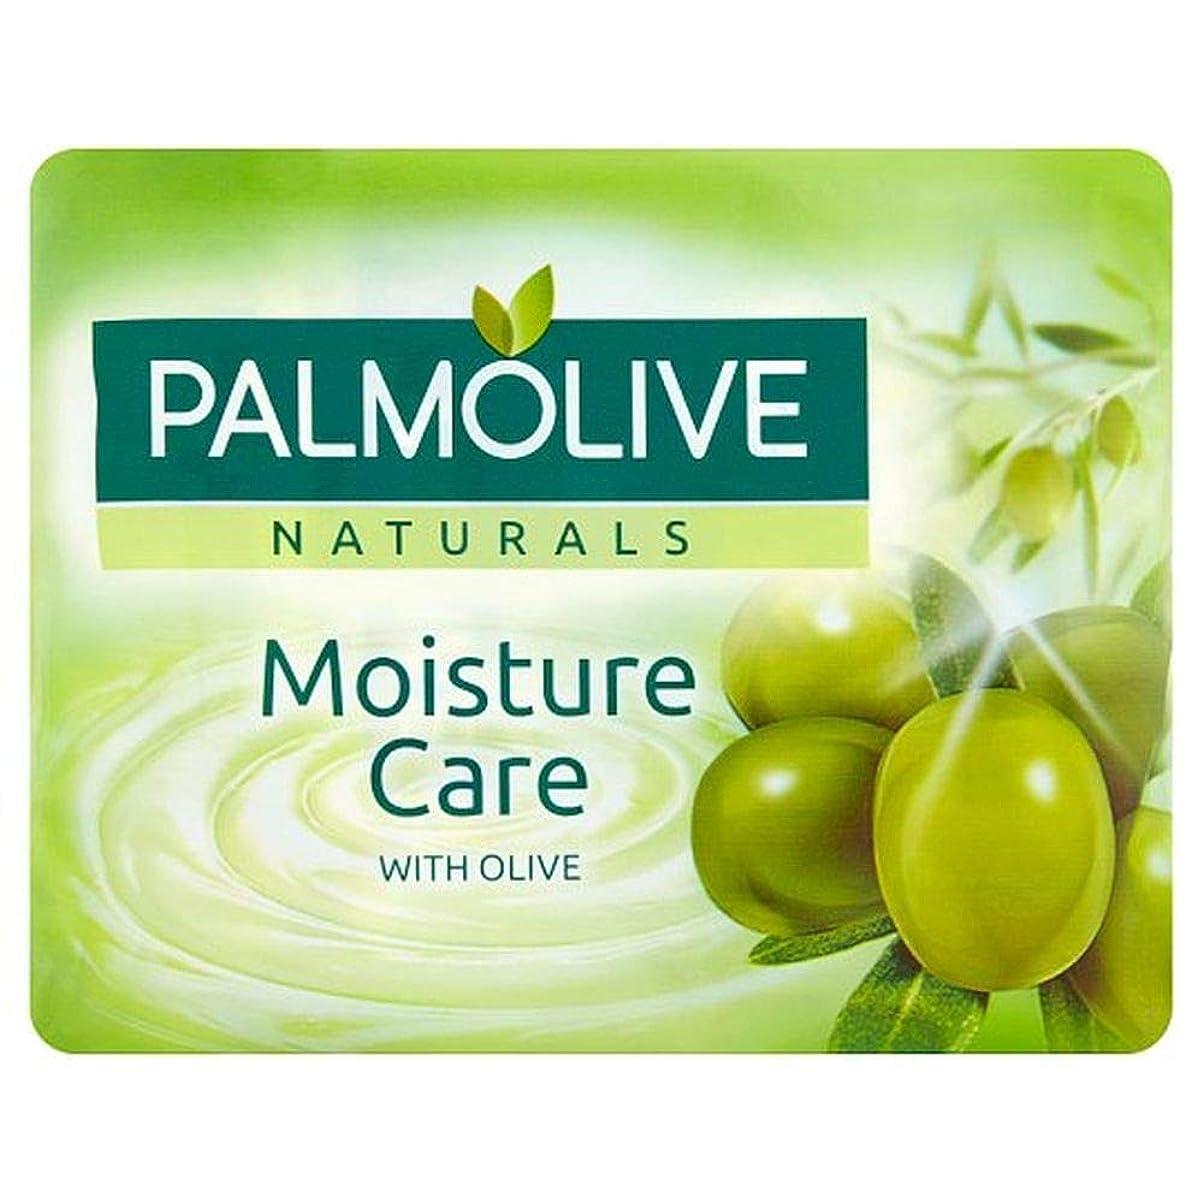 哺乳類エンジニアリング集計[Palmolive ] パルモナチュラル水分ケア石鹸4×90グラム - Palmolive Naturals Moisture Care Bar Soap 4 X 90g [並行輸入品]